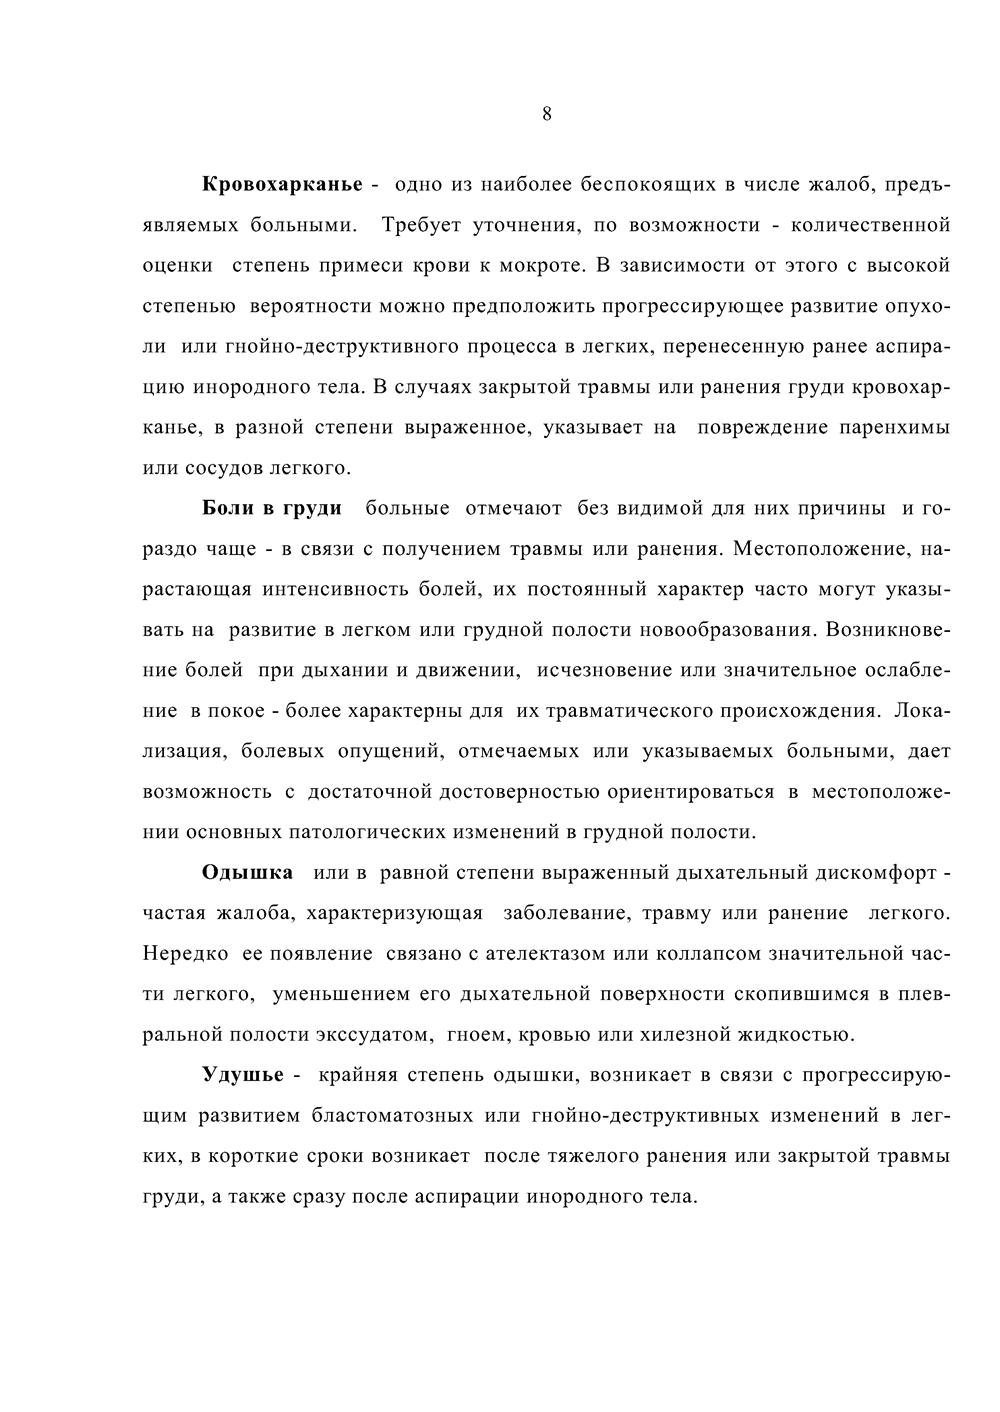 http://ipic.su/img/img7/fs/p0015.1591856270.jpg